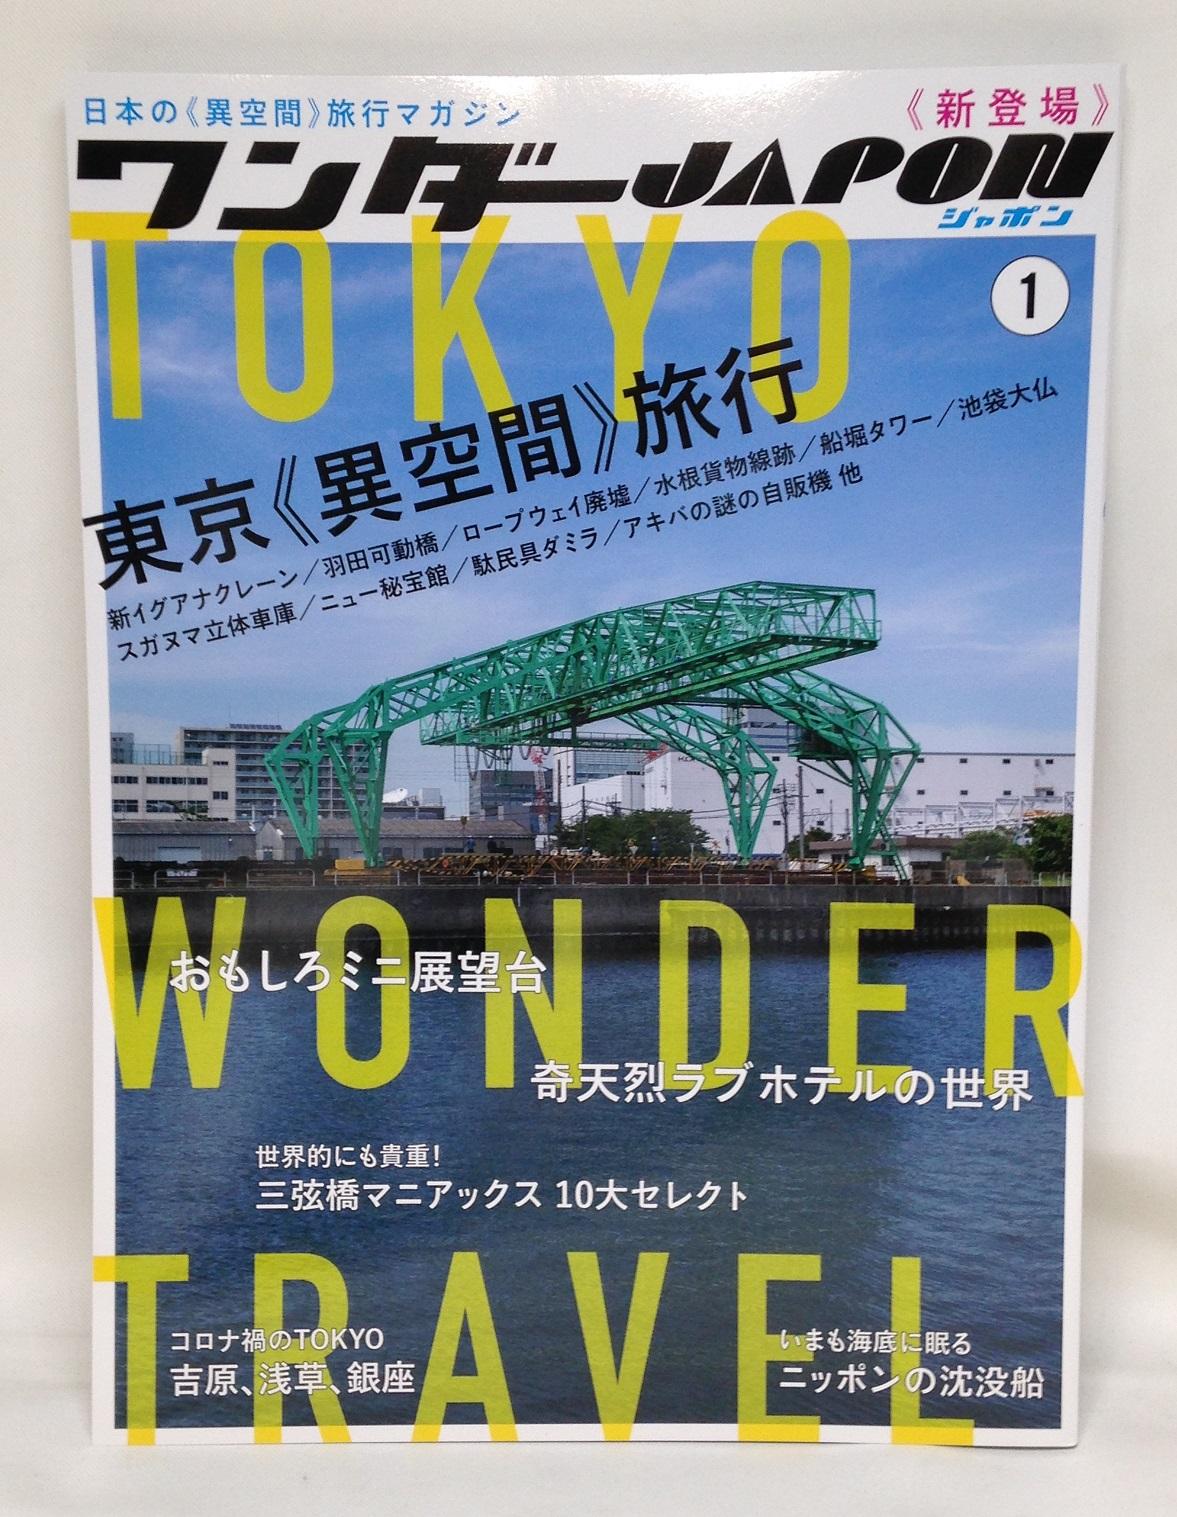 ワンダーJAPON1 日本の《異空間》旅行マガジン画像